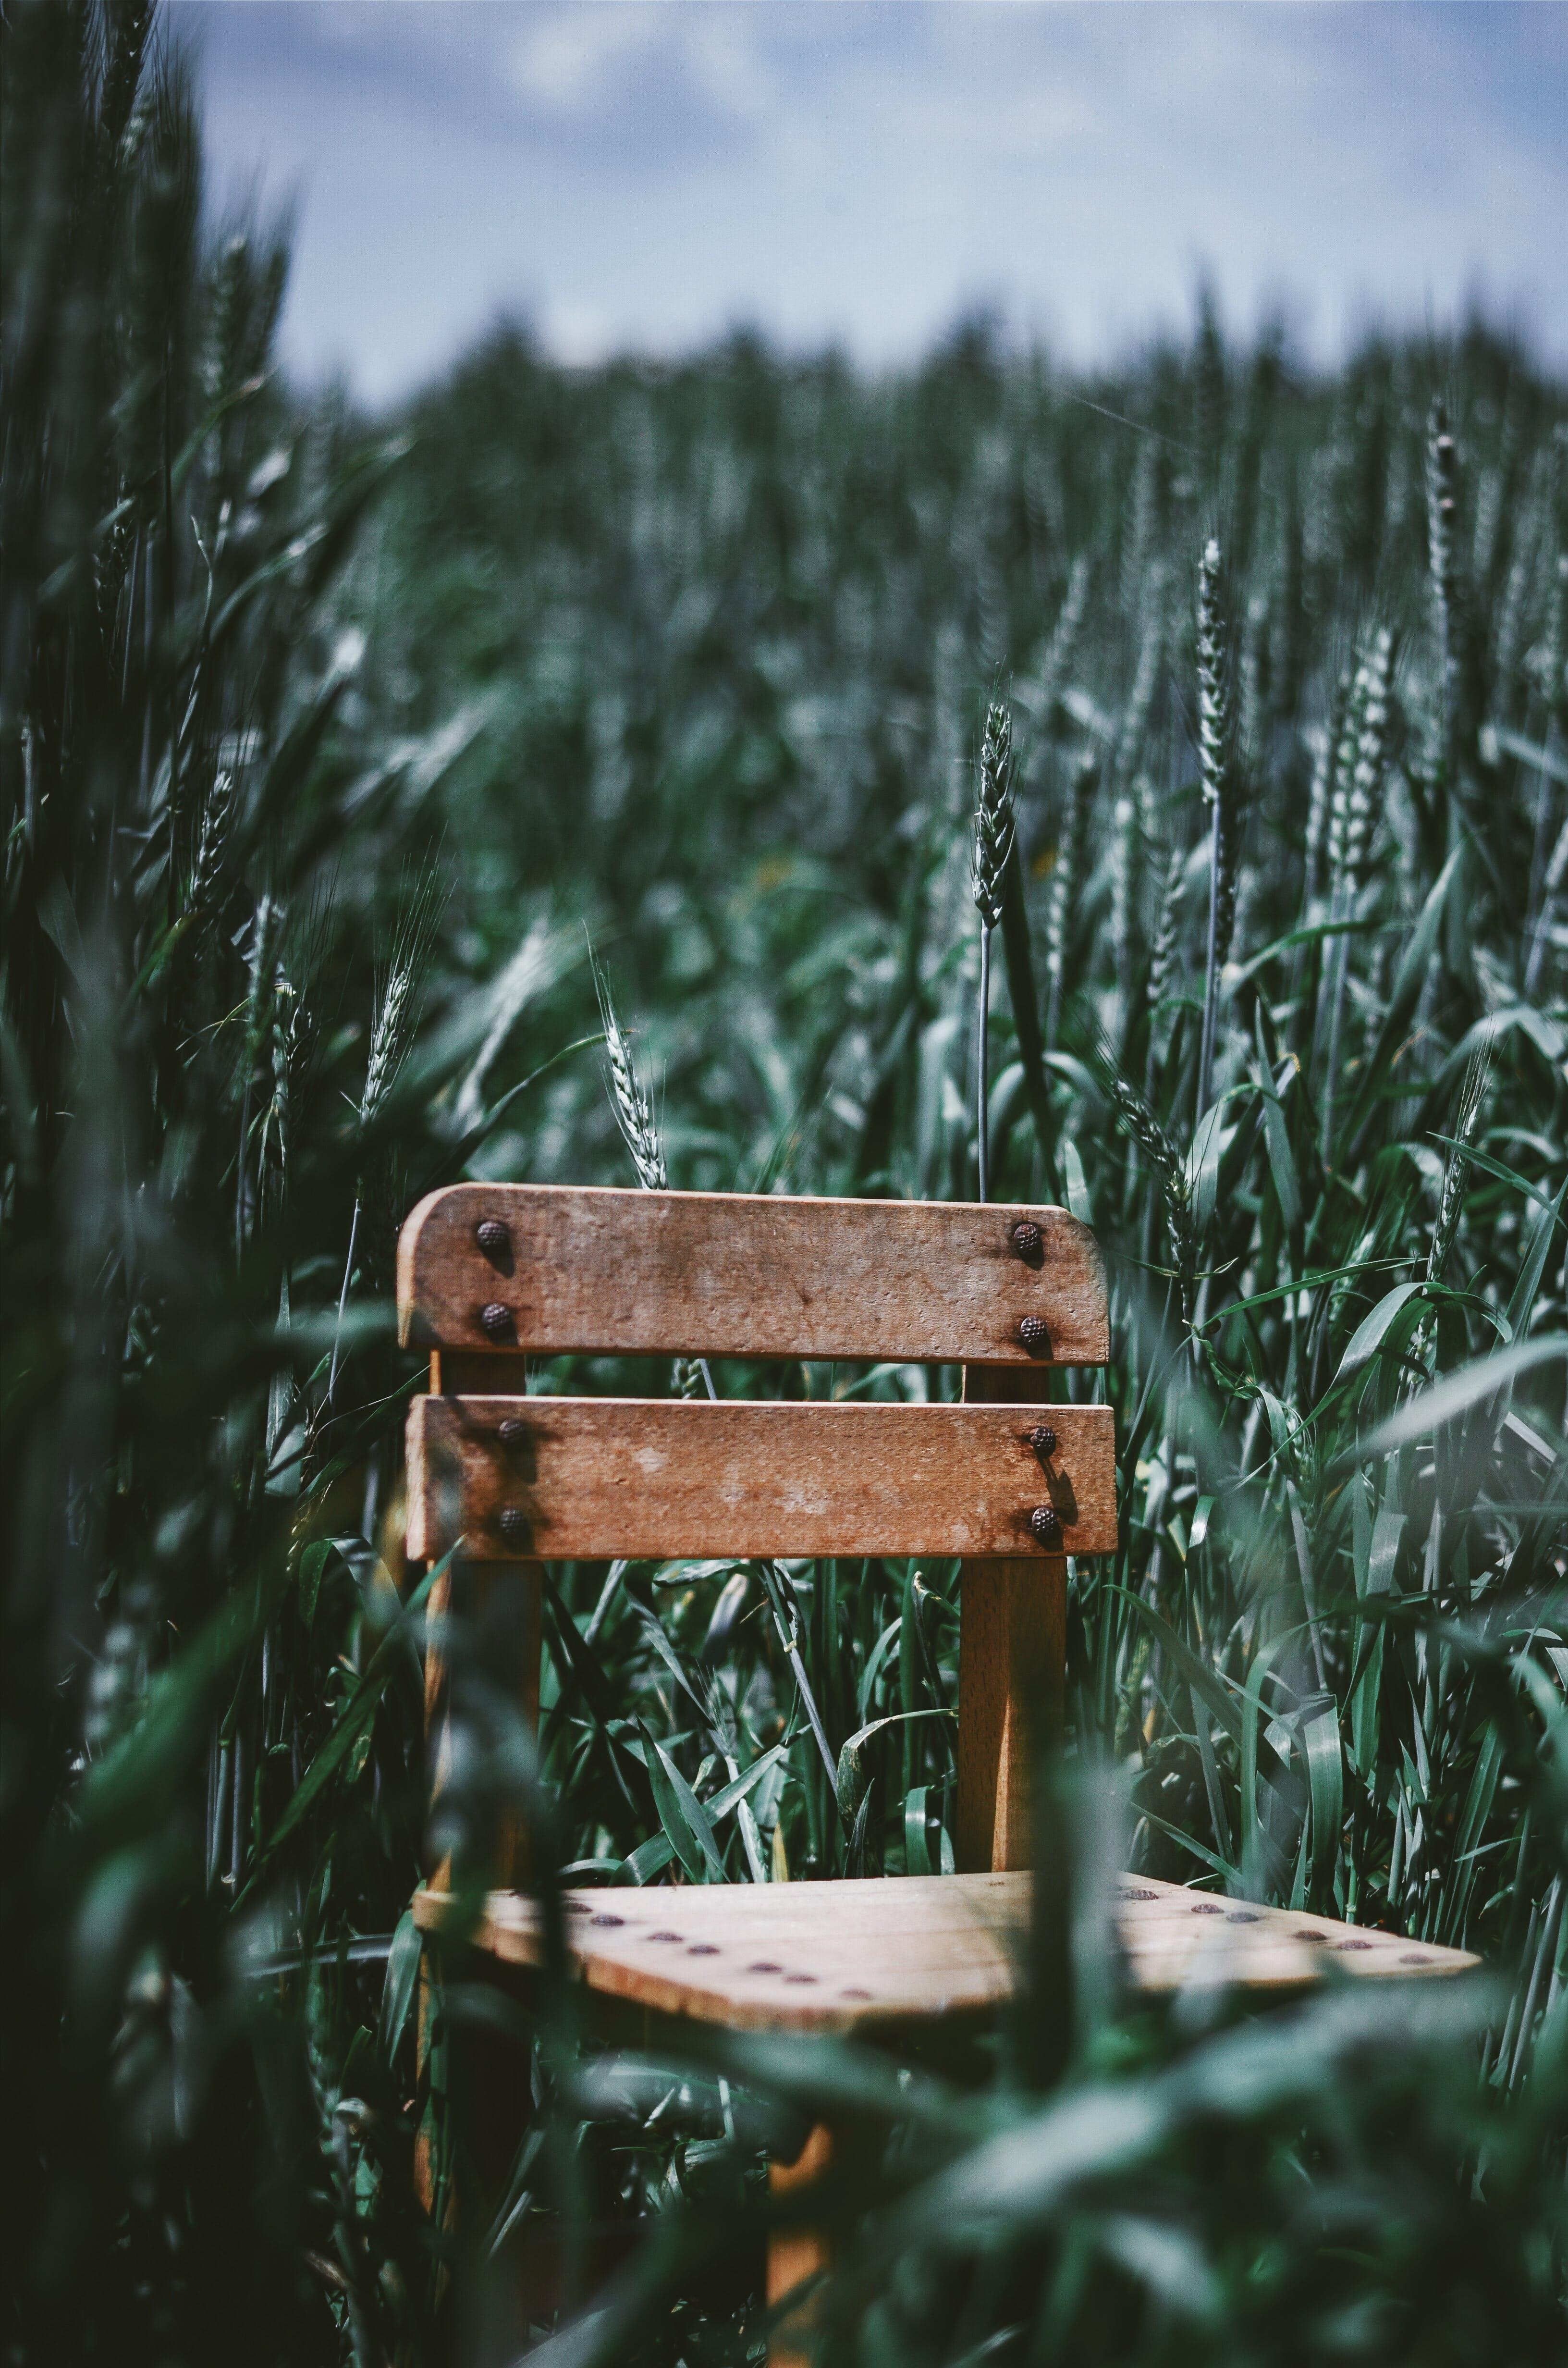 ファーム, 作物, 小麦, 小麦畑の無料の写真素材